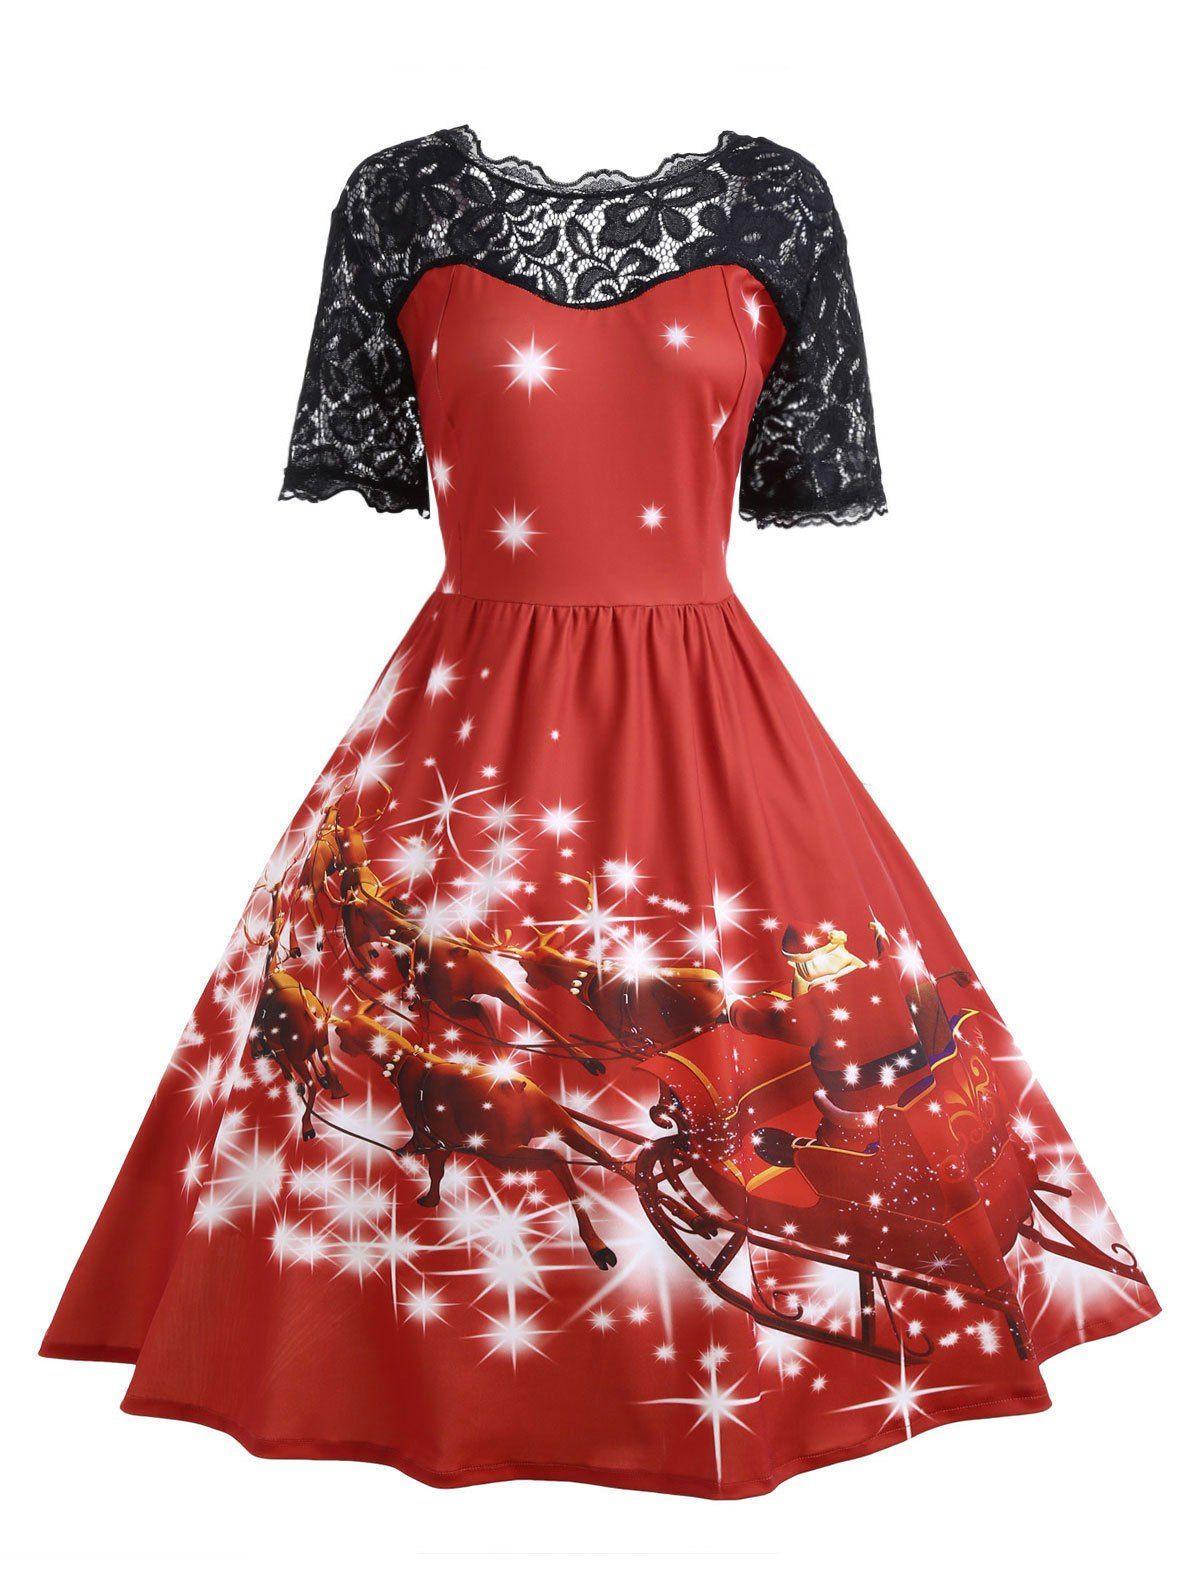 d0ef196e0d263 vestido navidad. Talla grande Vestidos Navideños